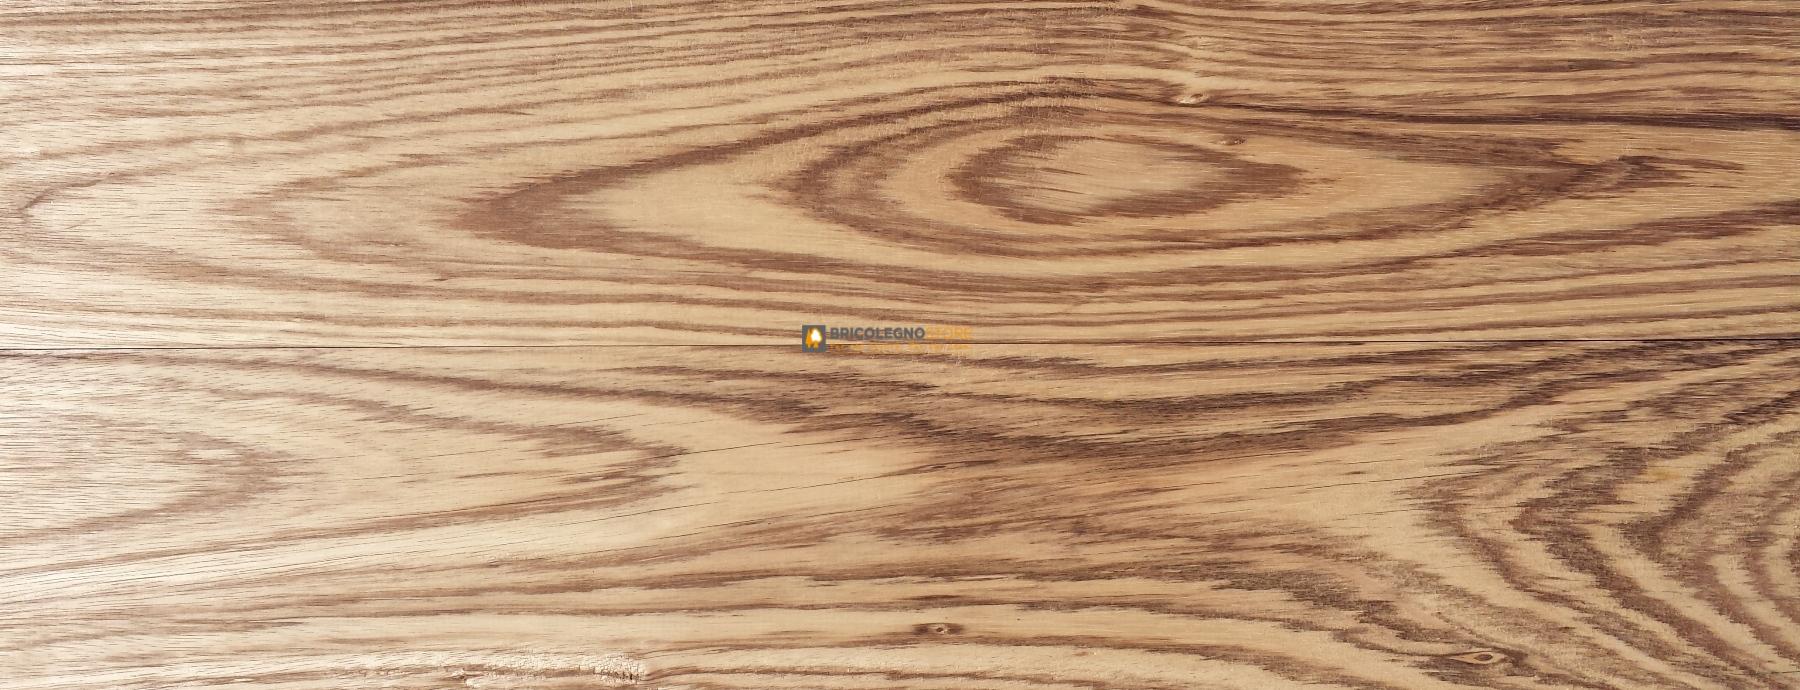 Tavole legno di beli grezze legno simile allo zebrano tavola di legno di beli grezza cm 4 2 - Tavole di legno grezzo ...